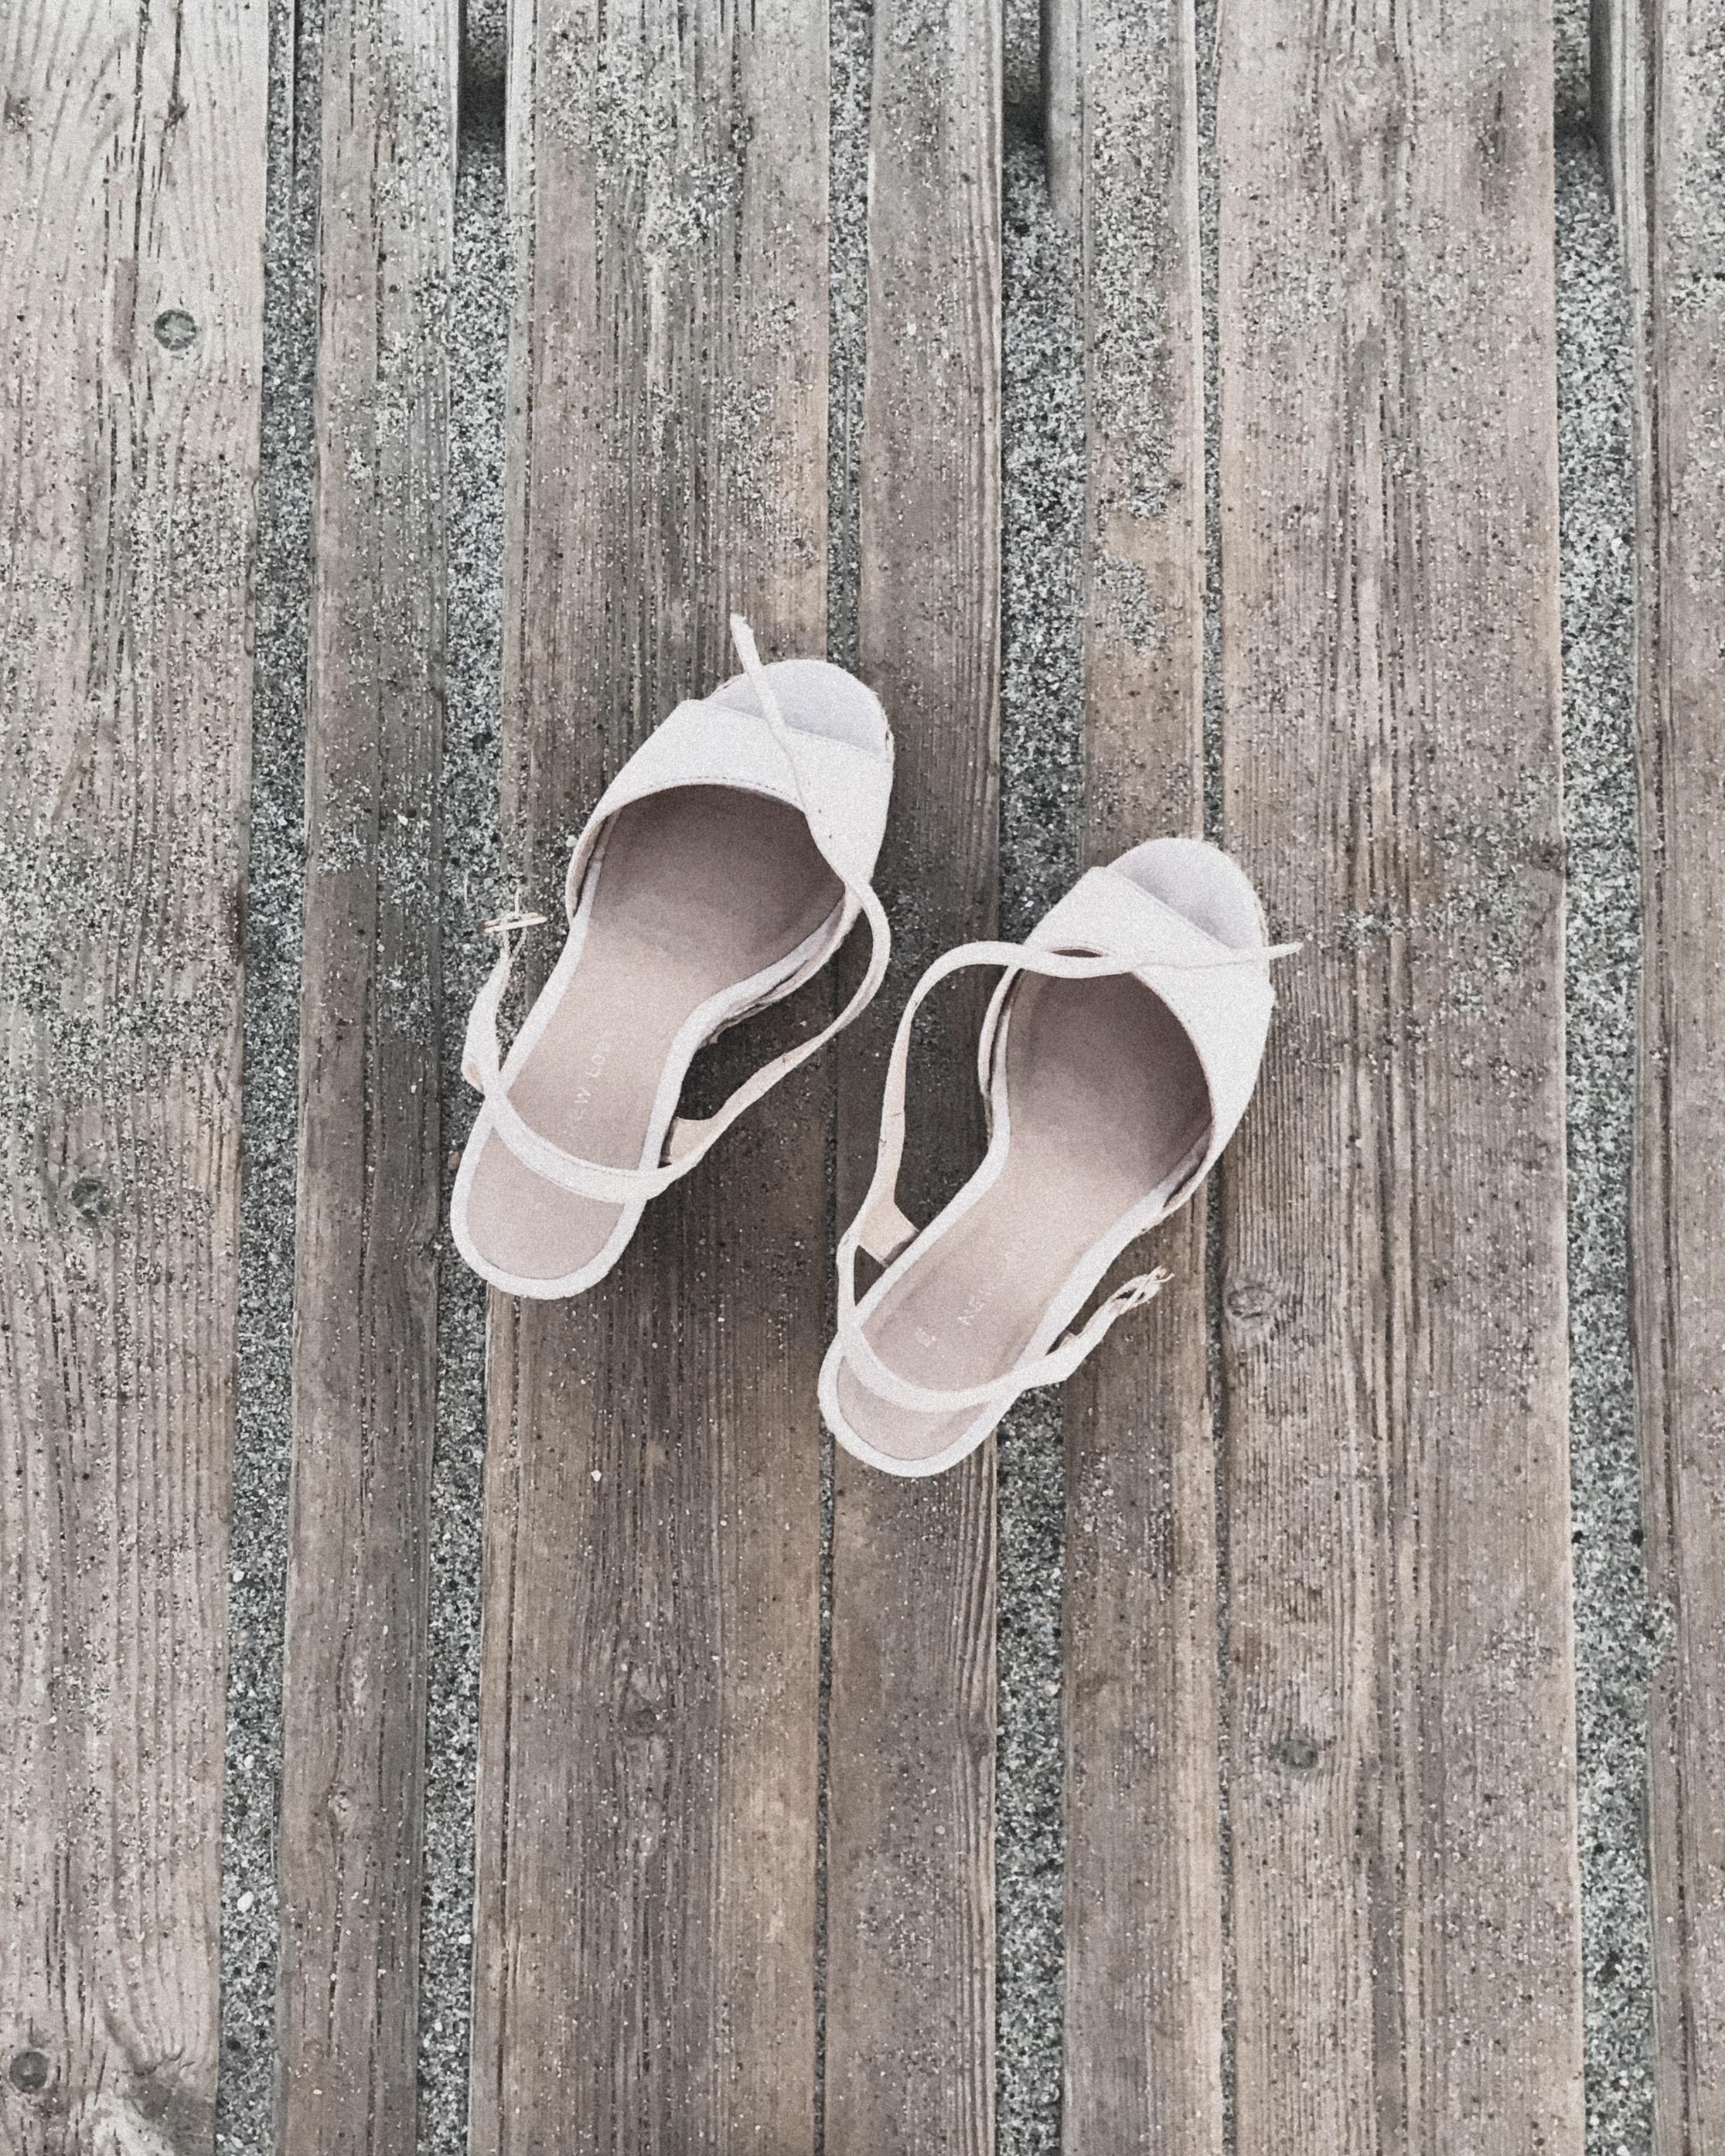 Shoes on Boardwalk, Kos, Greece, Beach